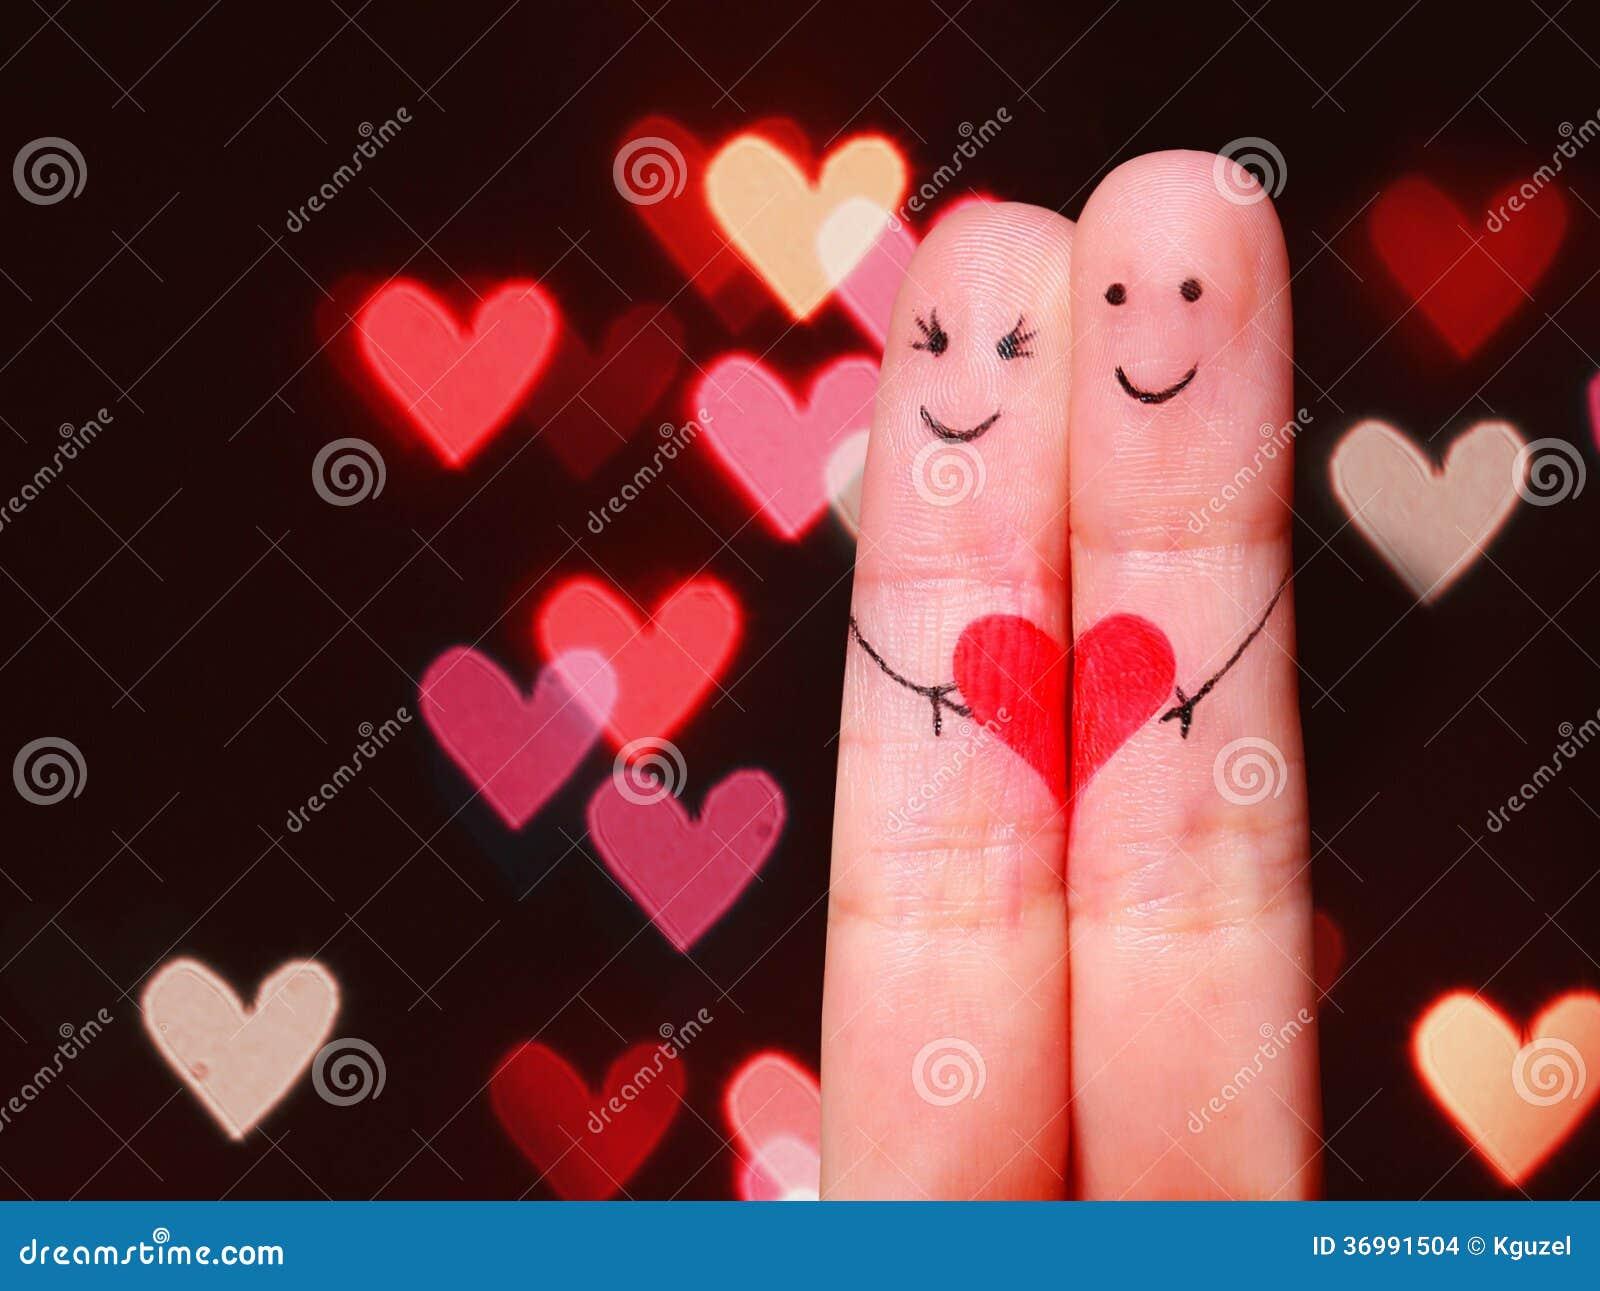 Concepto feliz de los pares. Dos fingeres en amor con smiley pintado